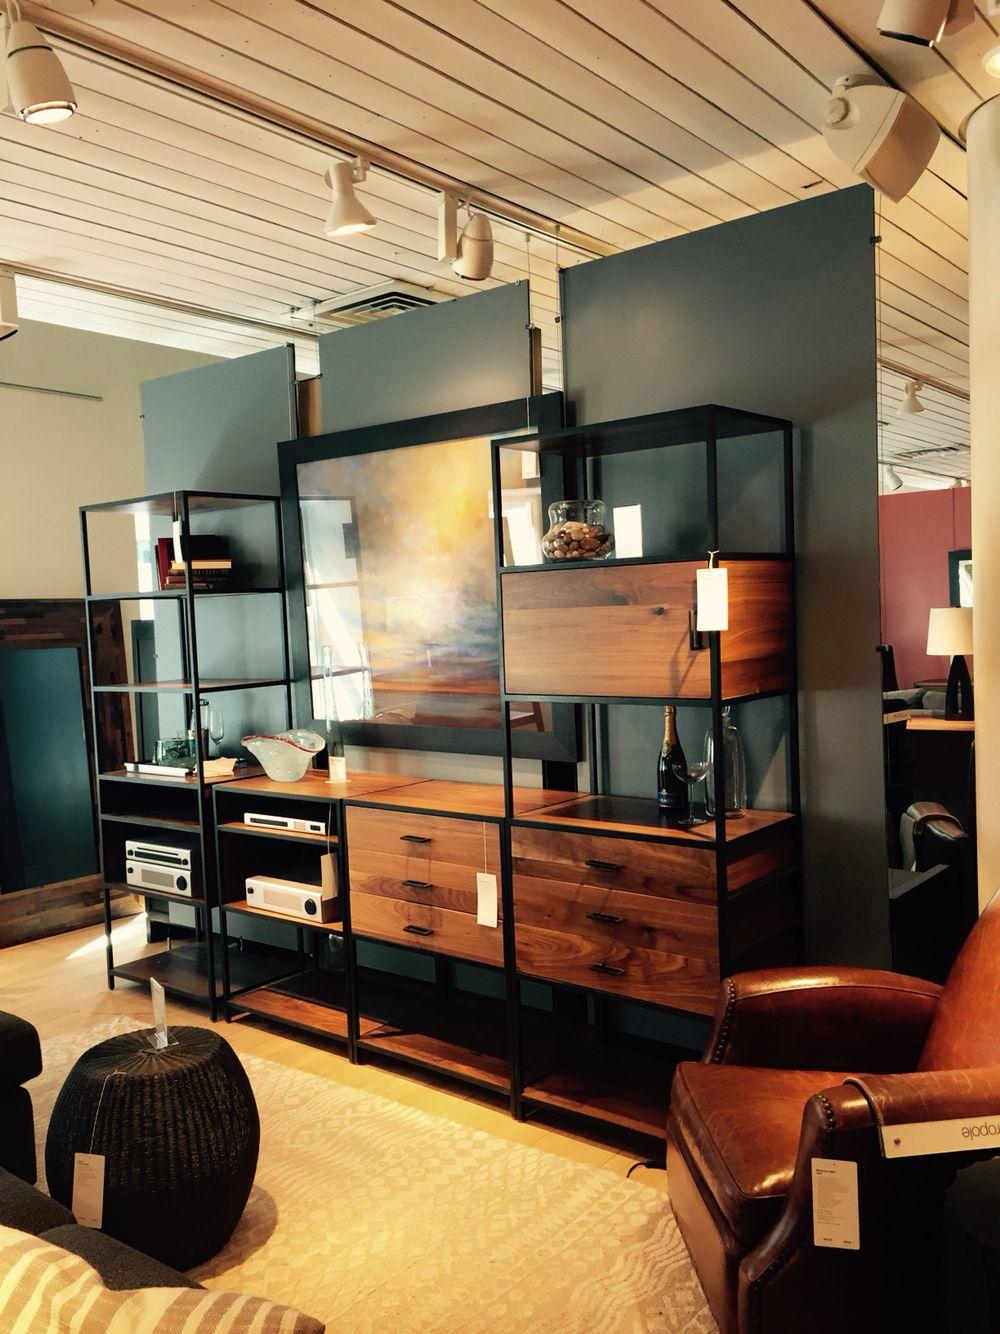 Mueble estantes hierro y madera herreria furniture for Mueble de pared industrial